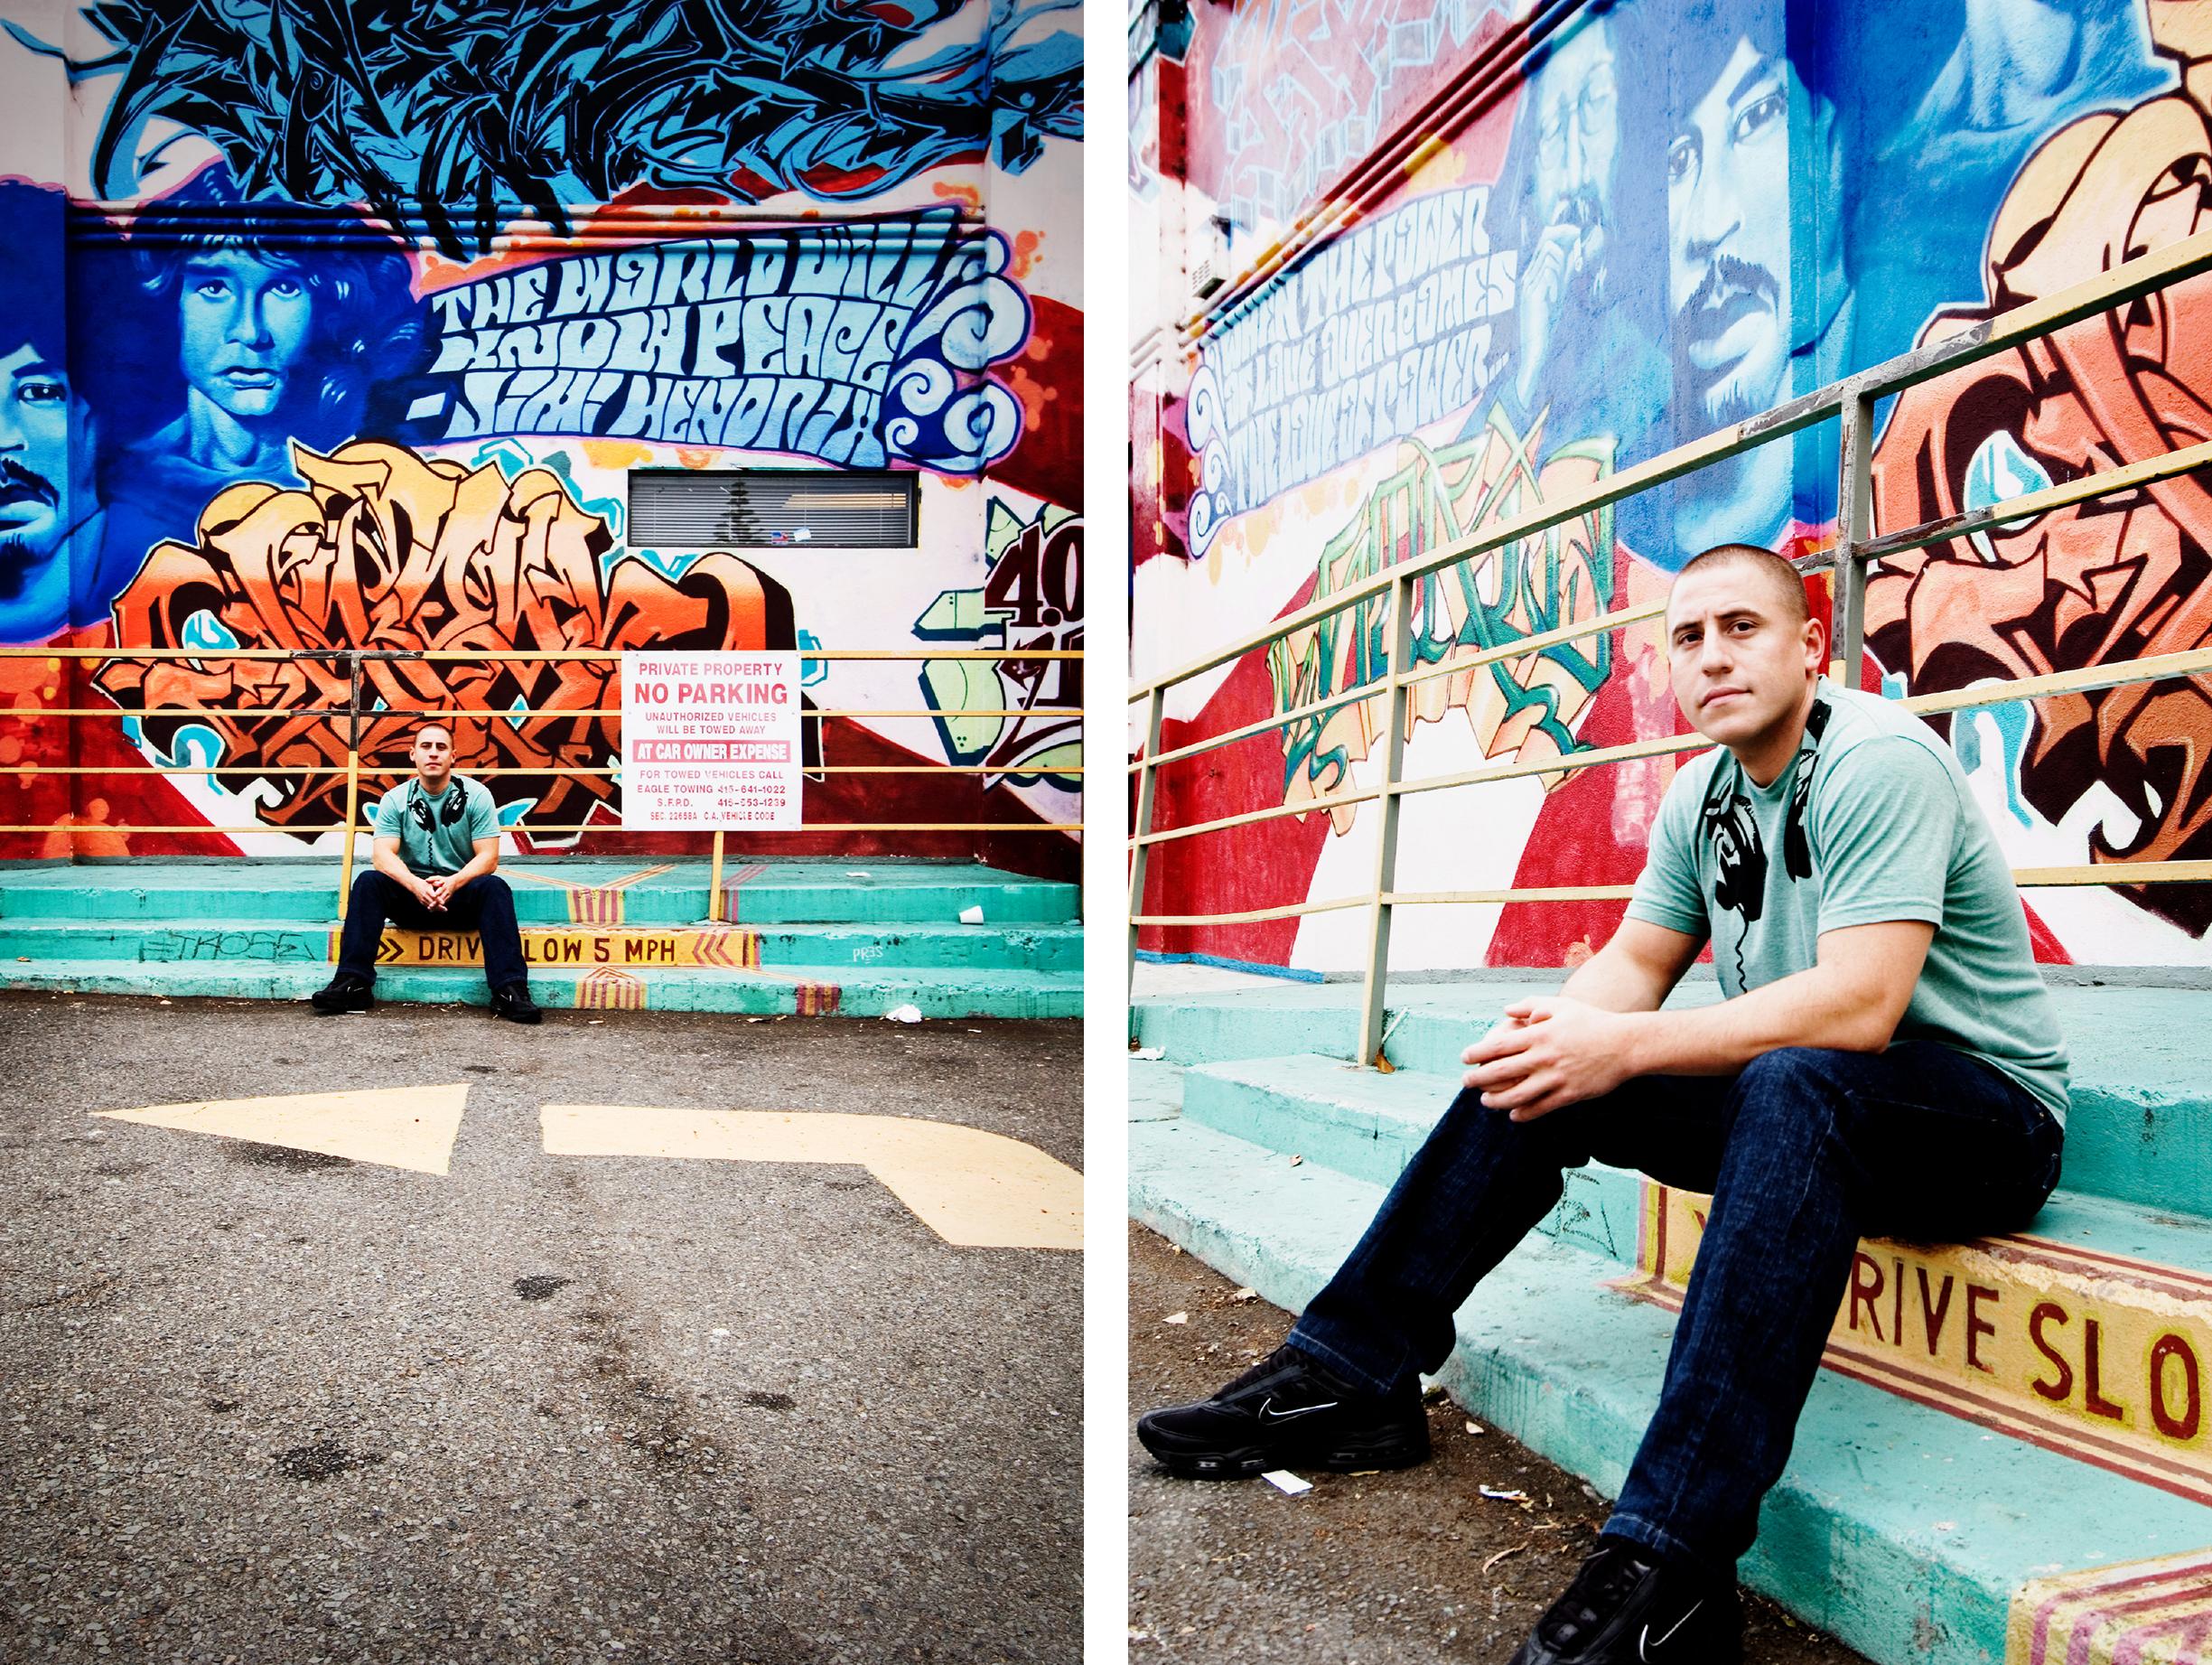 DJ Portraits